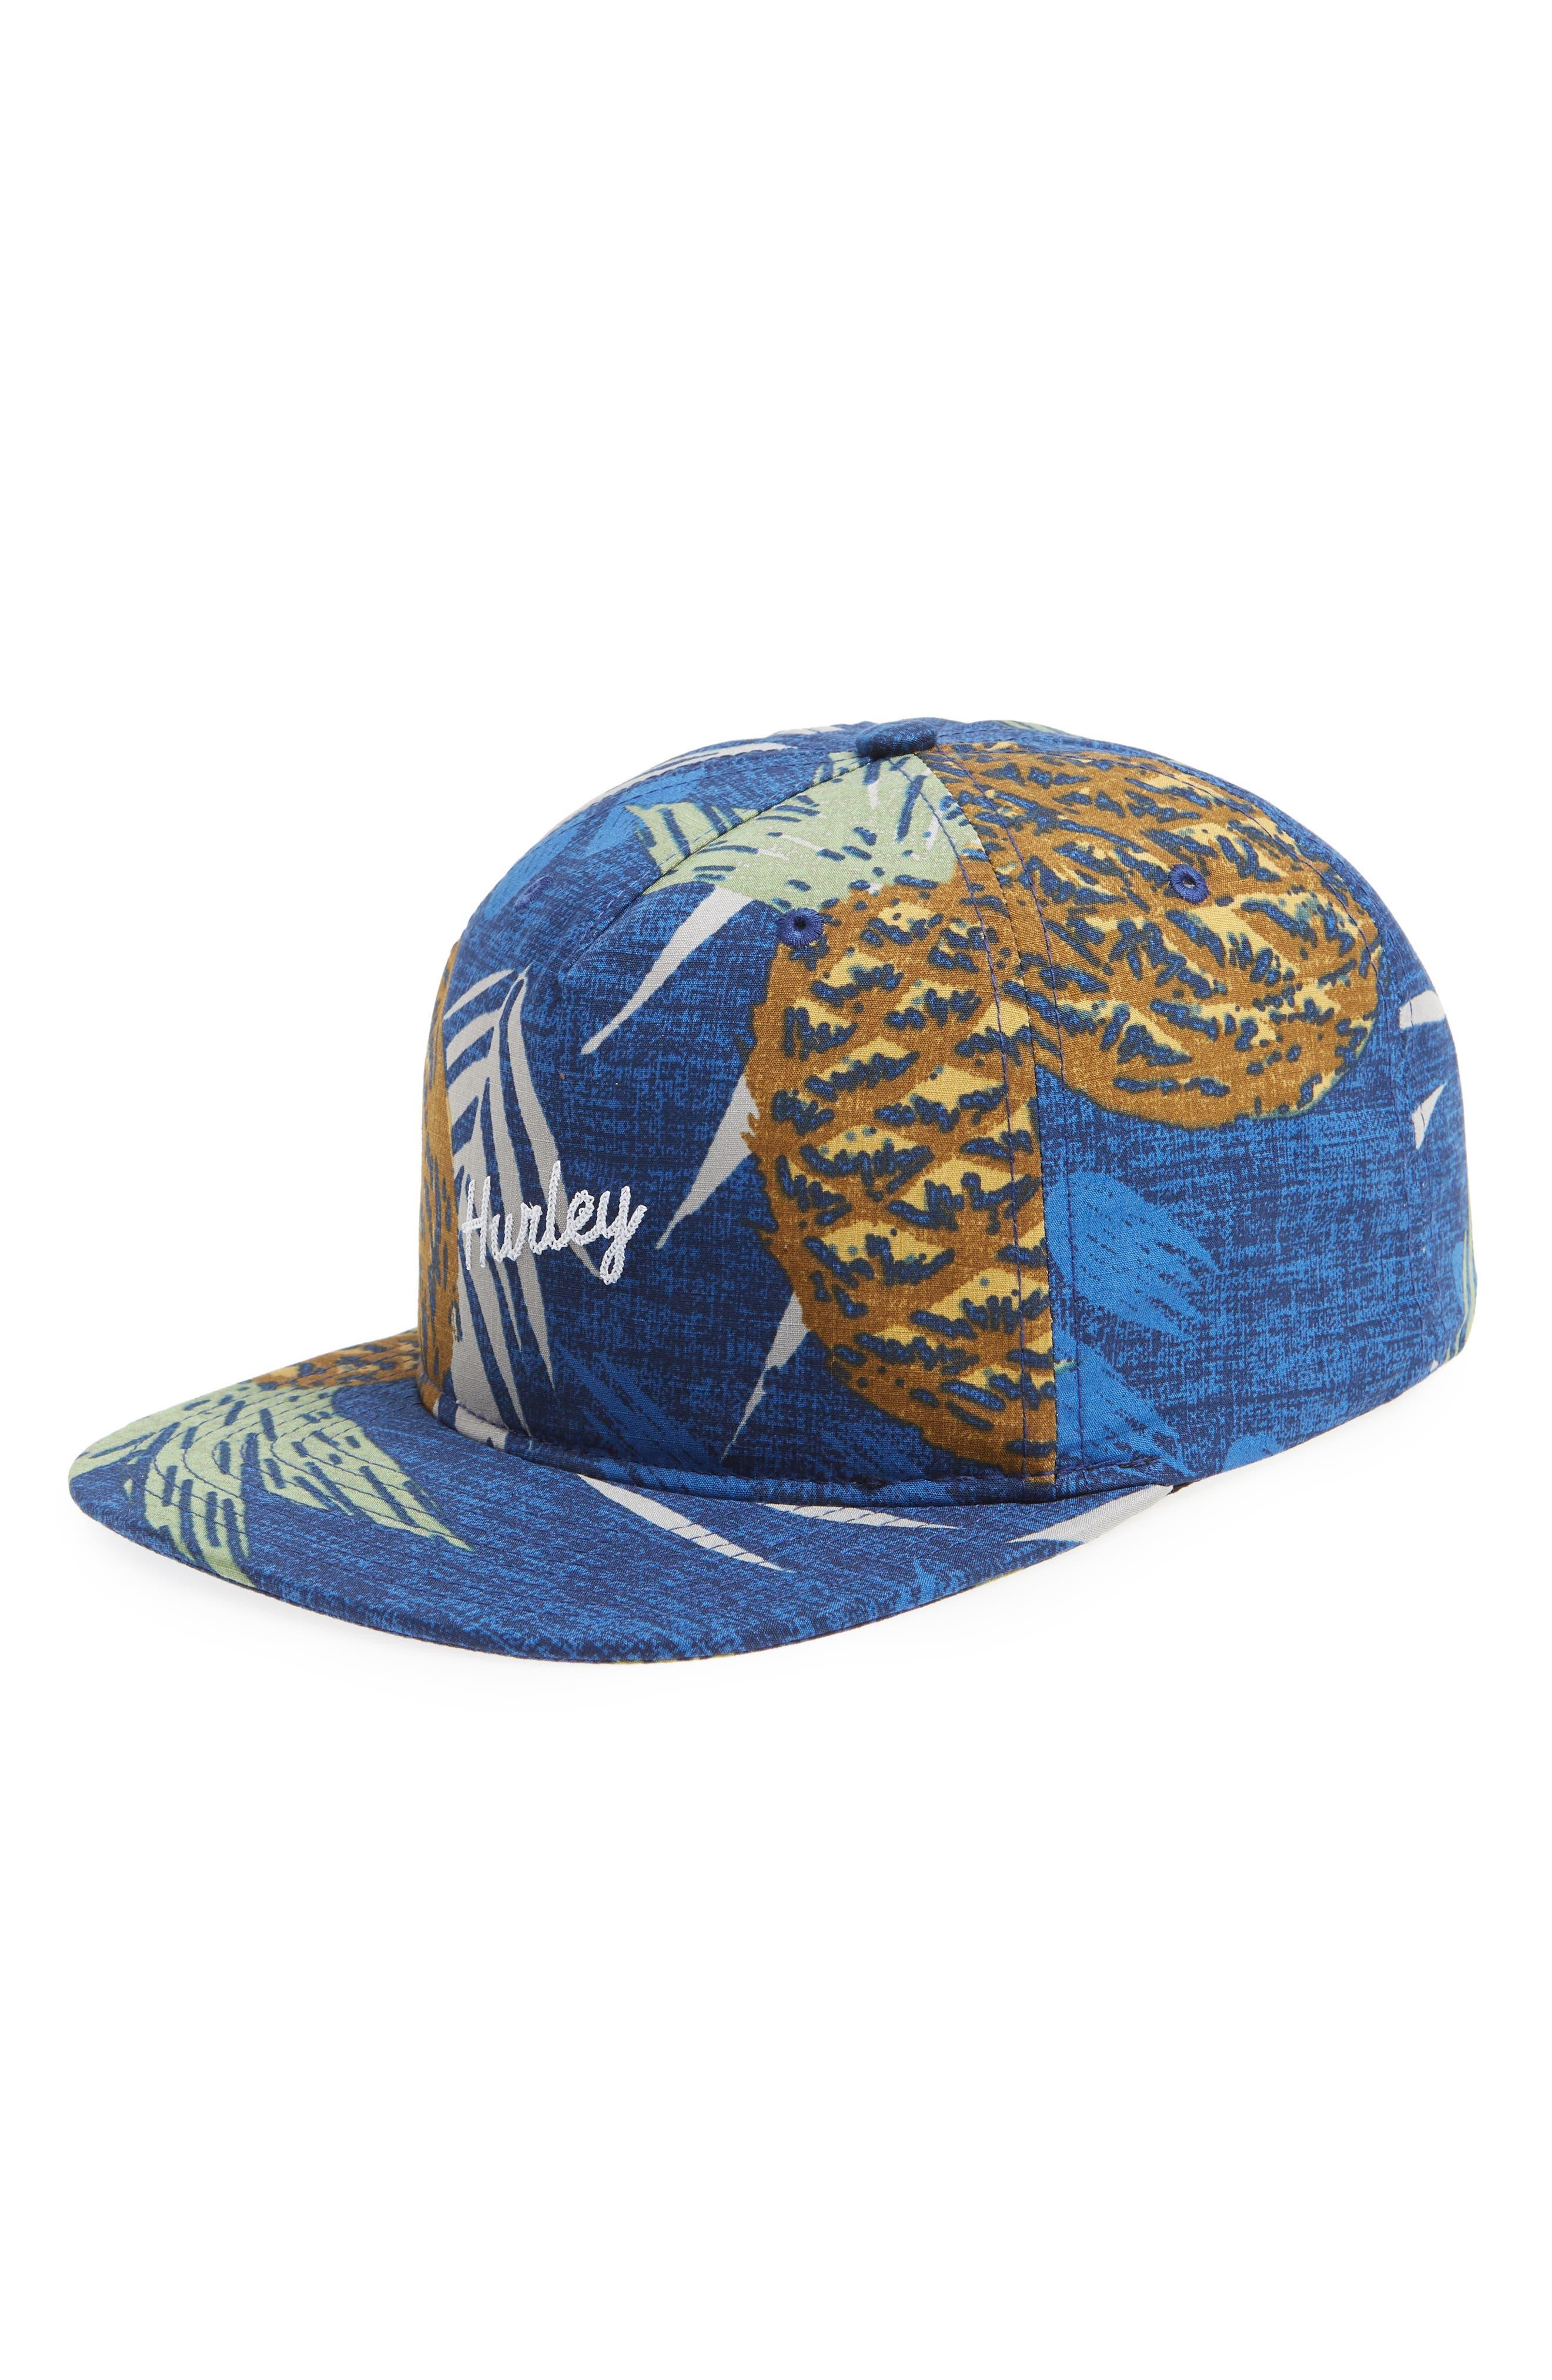 Seaward Baseball Cap,                         Main,                         color, 451